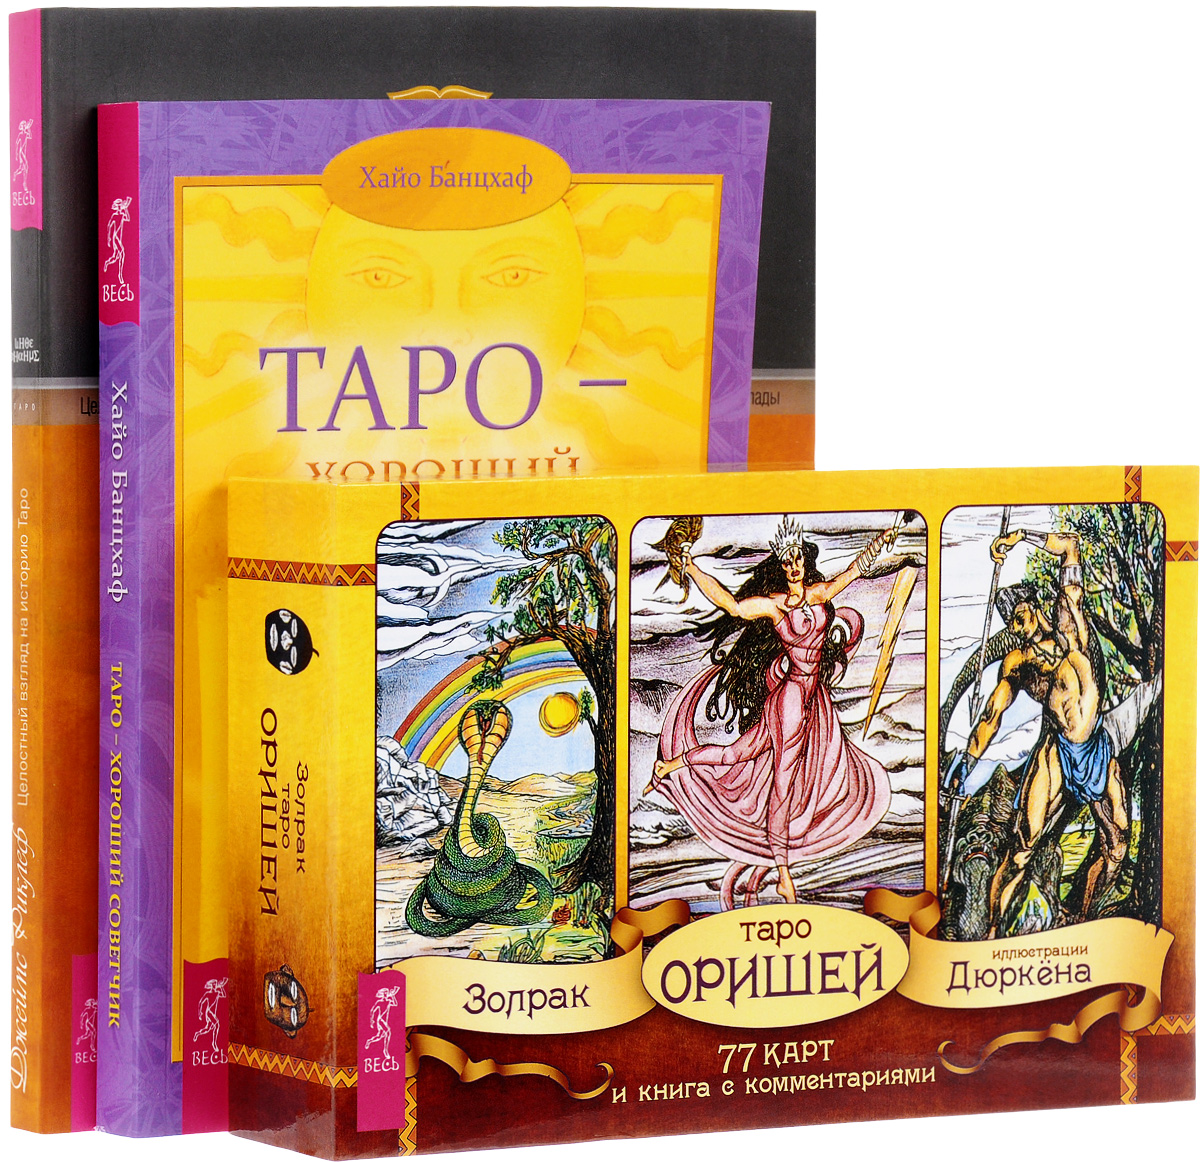 Таро Оришей. Таро – хороший советчик. Целостный взгляд на историю Таро (комплект из 3 книг и колоды карт)